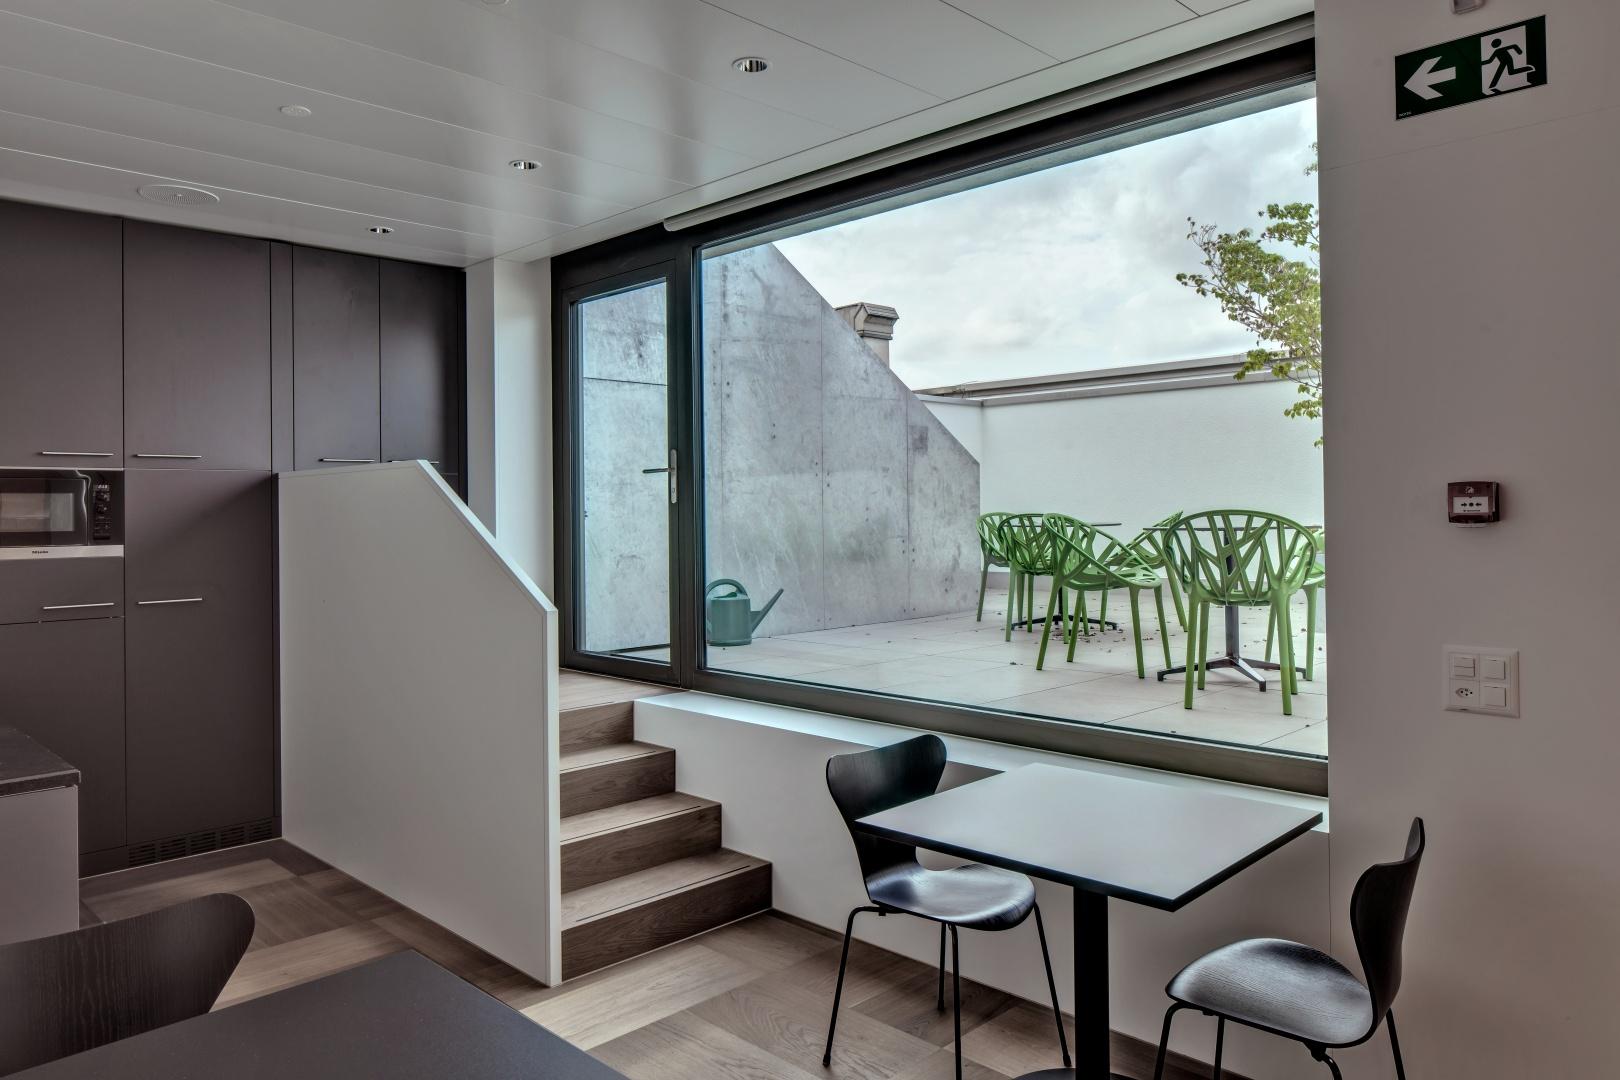 Mitarbeiterbereich - Pausenraum © René Dürr Architekturfotografie, Schwandenstrasse 228, 8046 Zürich